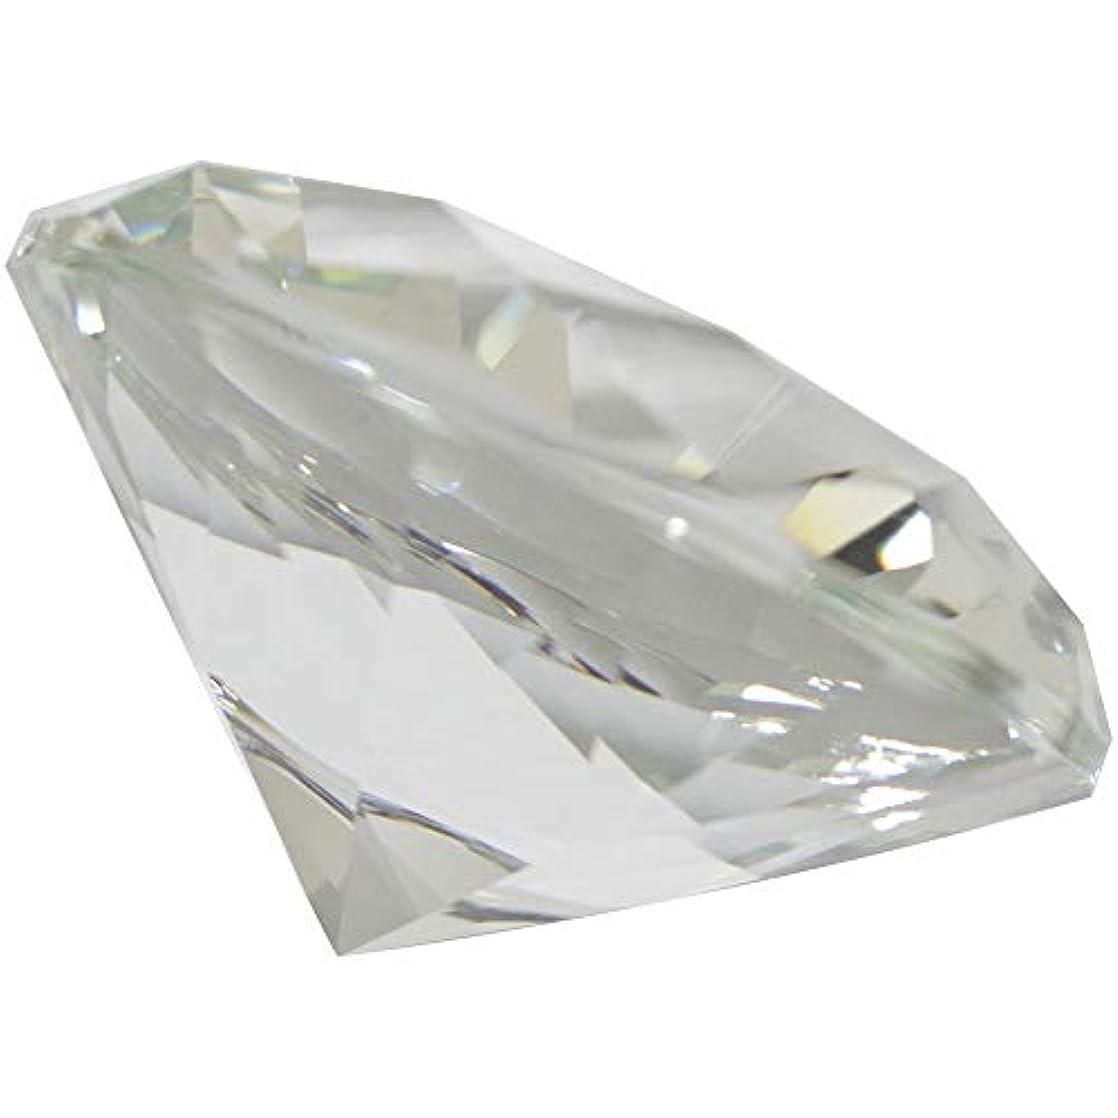 モード移動するレイMATIERE ダイヤモンド型ガラスオブジェ100m